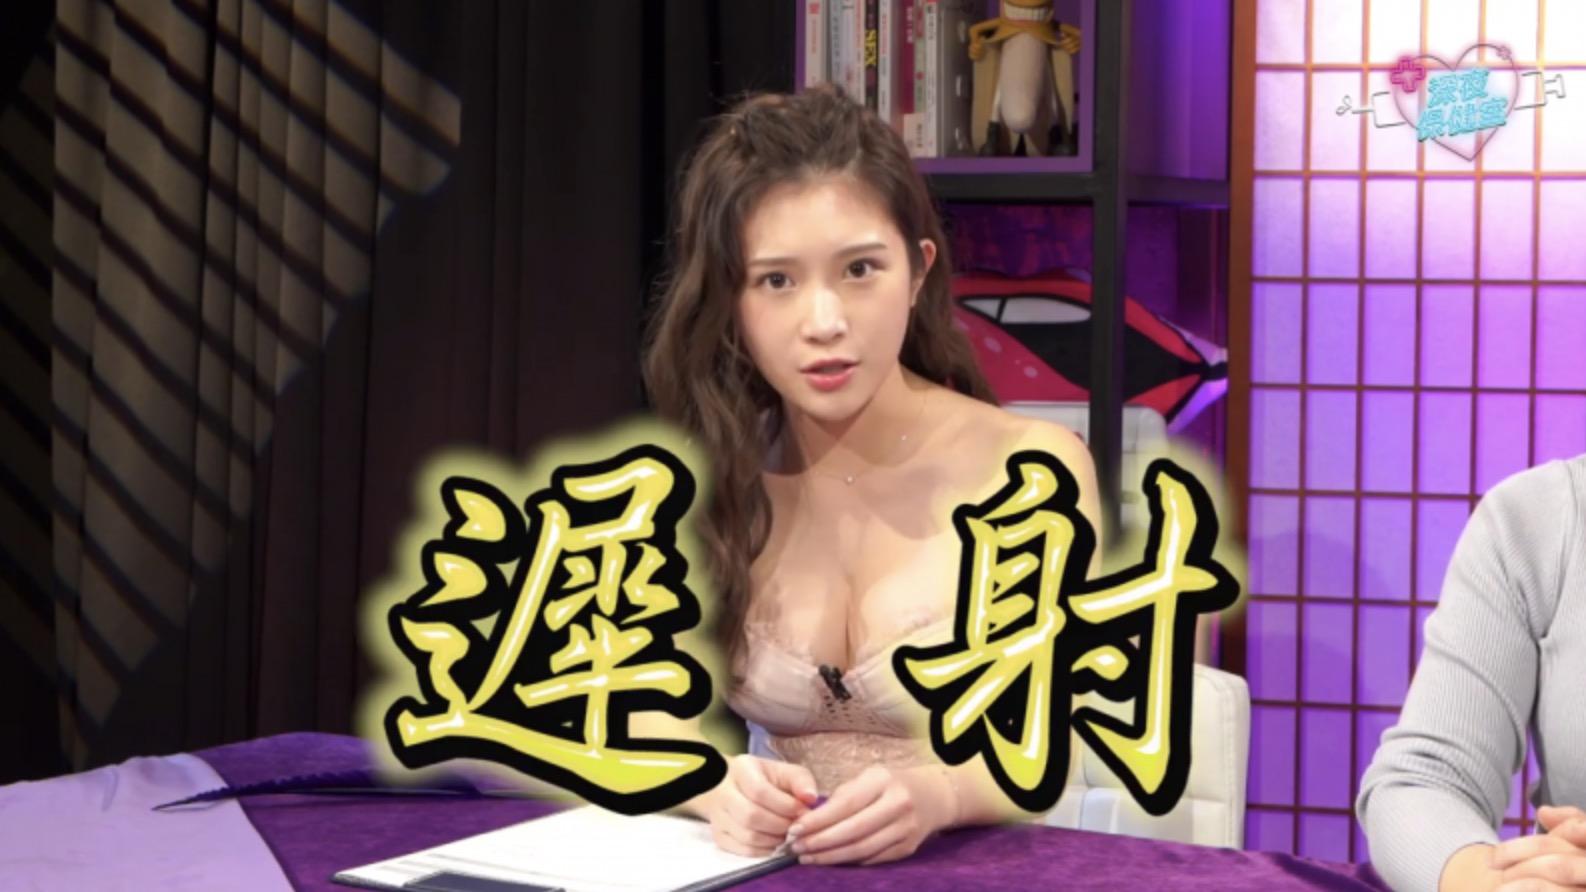 台湾深夜保健室-大胸鸡排妹带你聊性(31集高清视频) 百度网盘